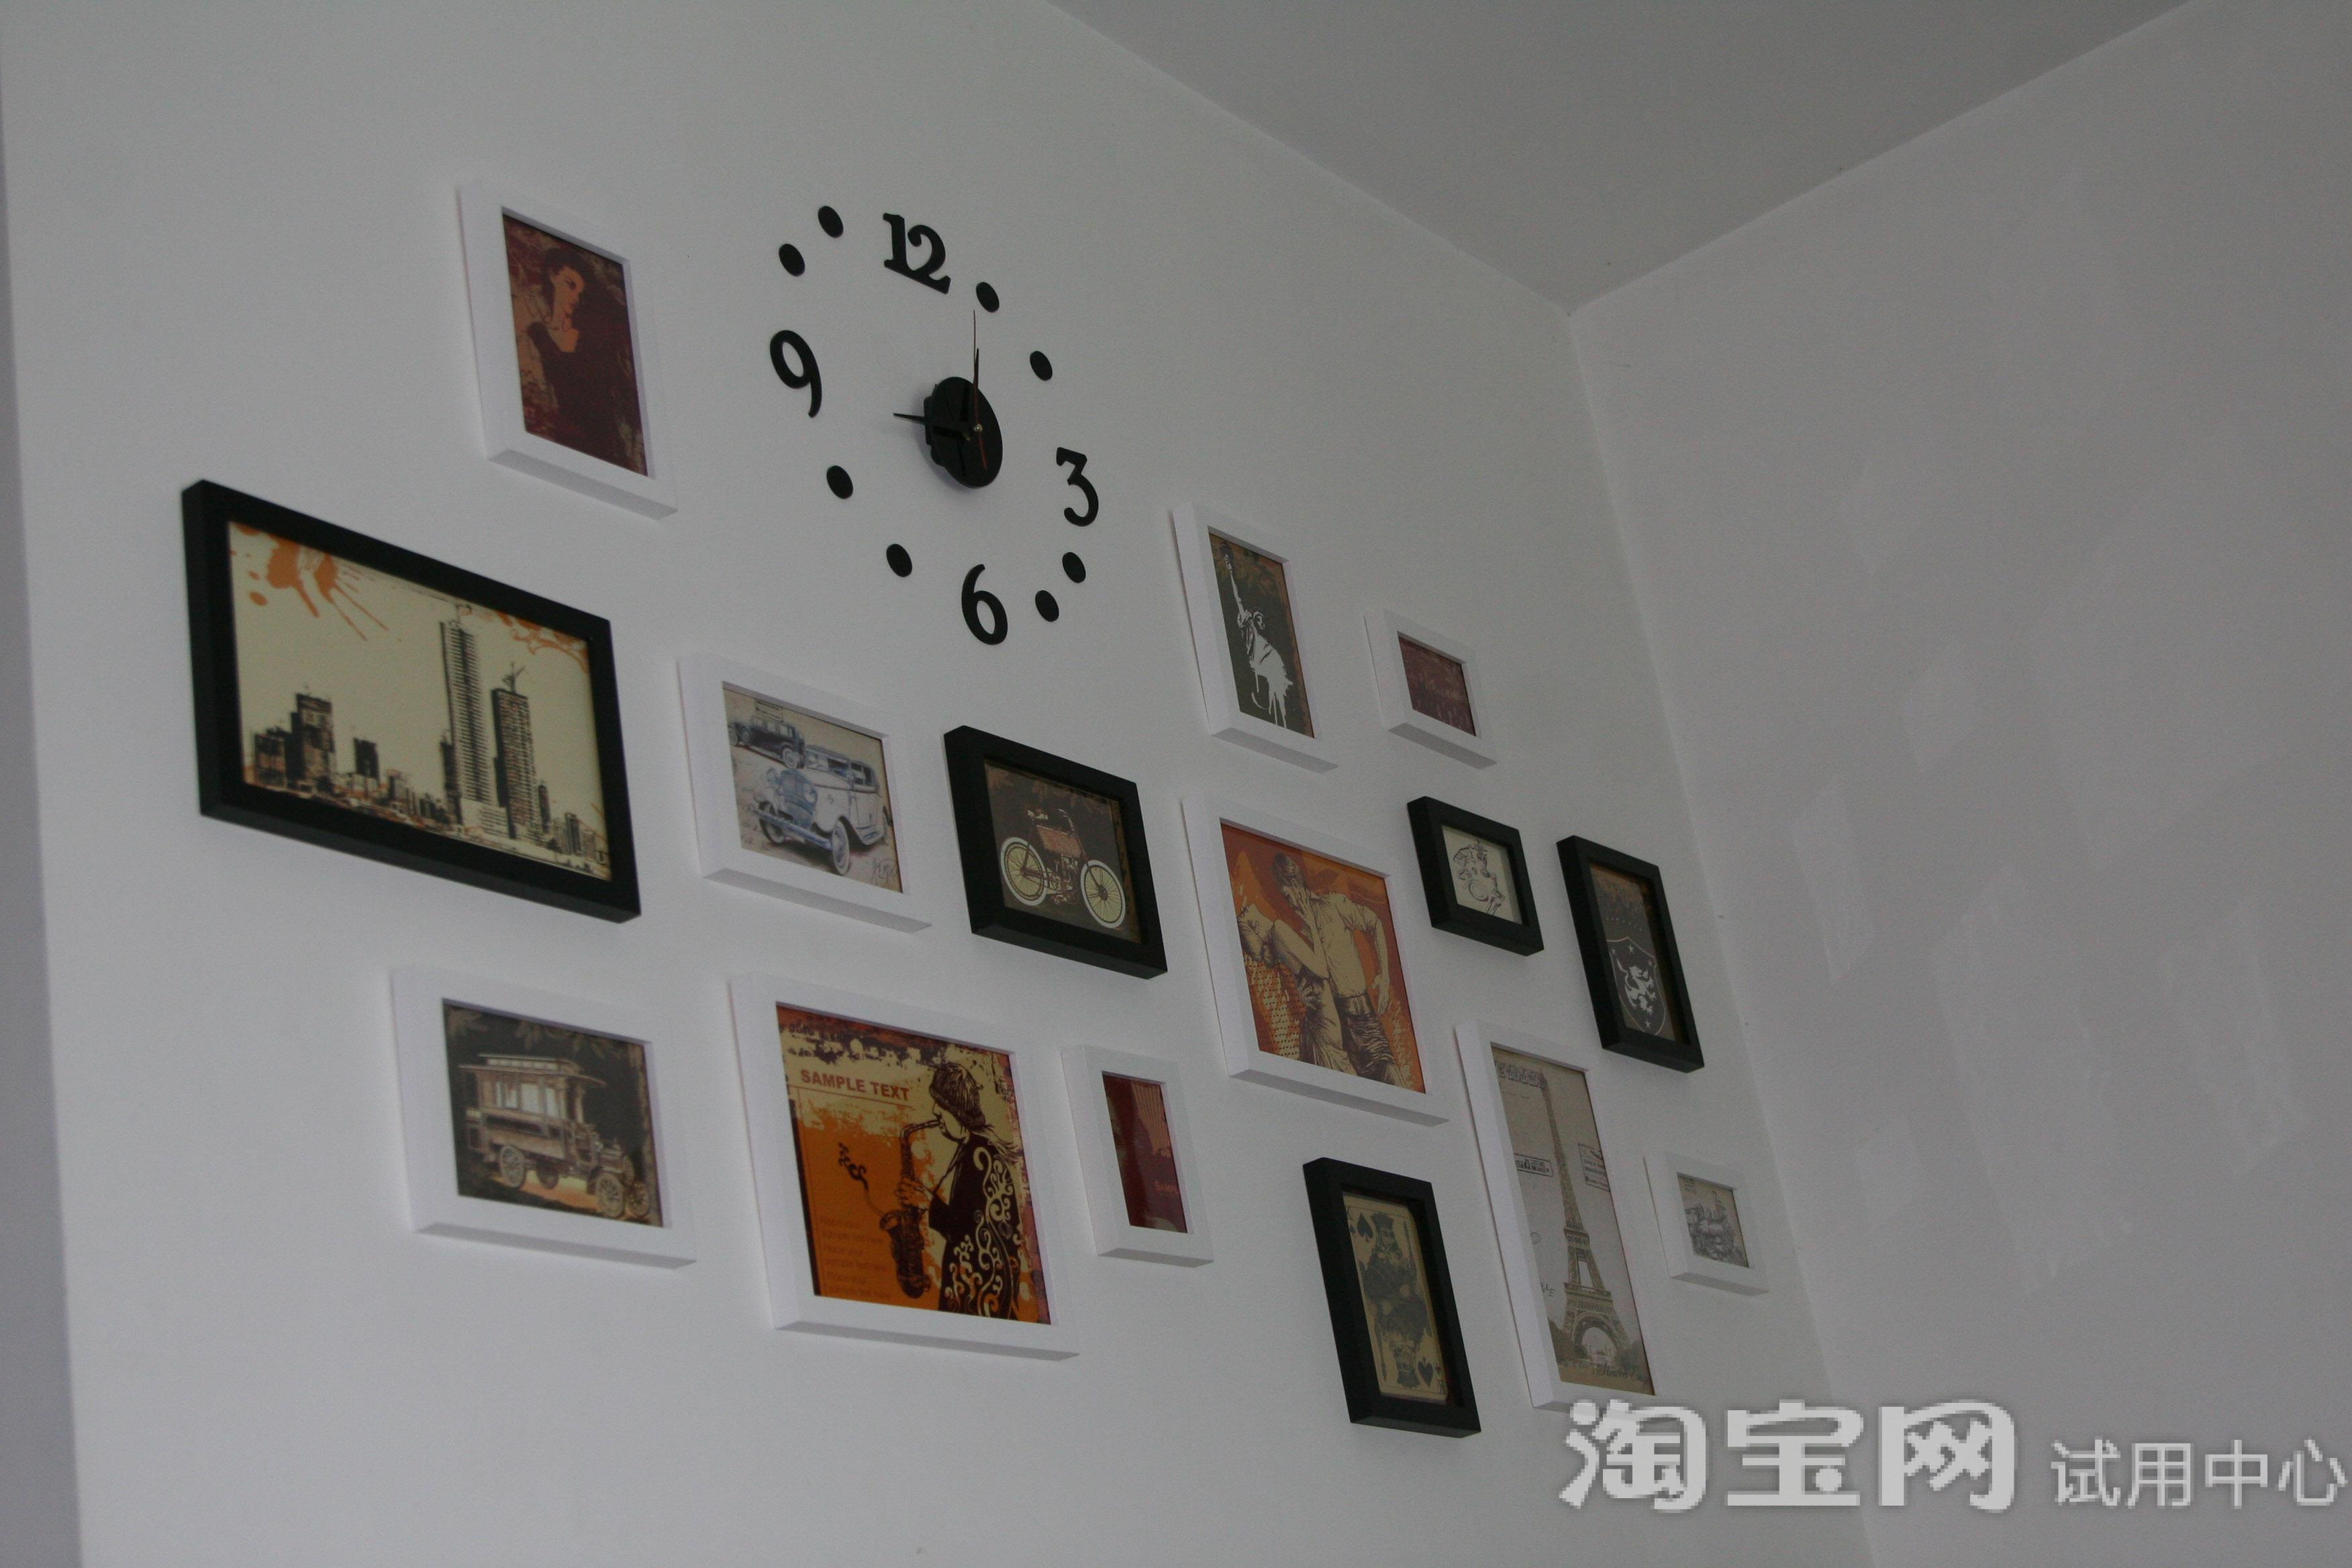 金鼎15框实木相框 钟表组合试用报告-淘宝试用